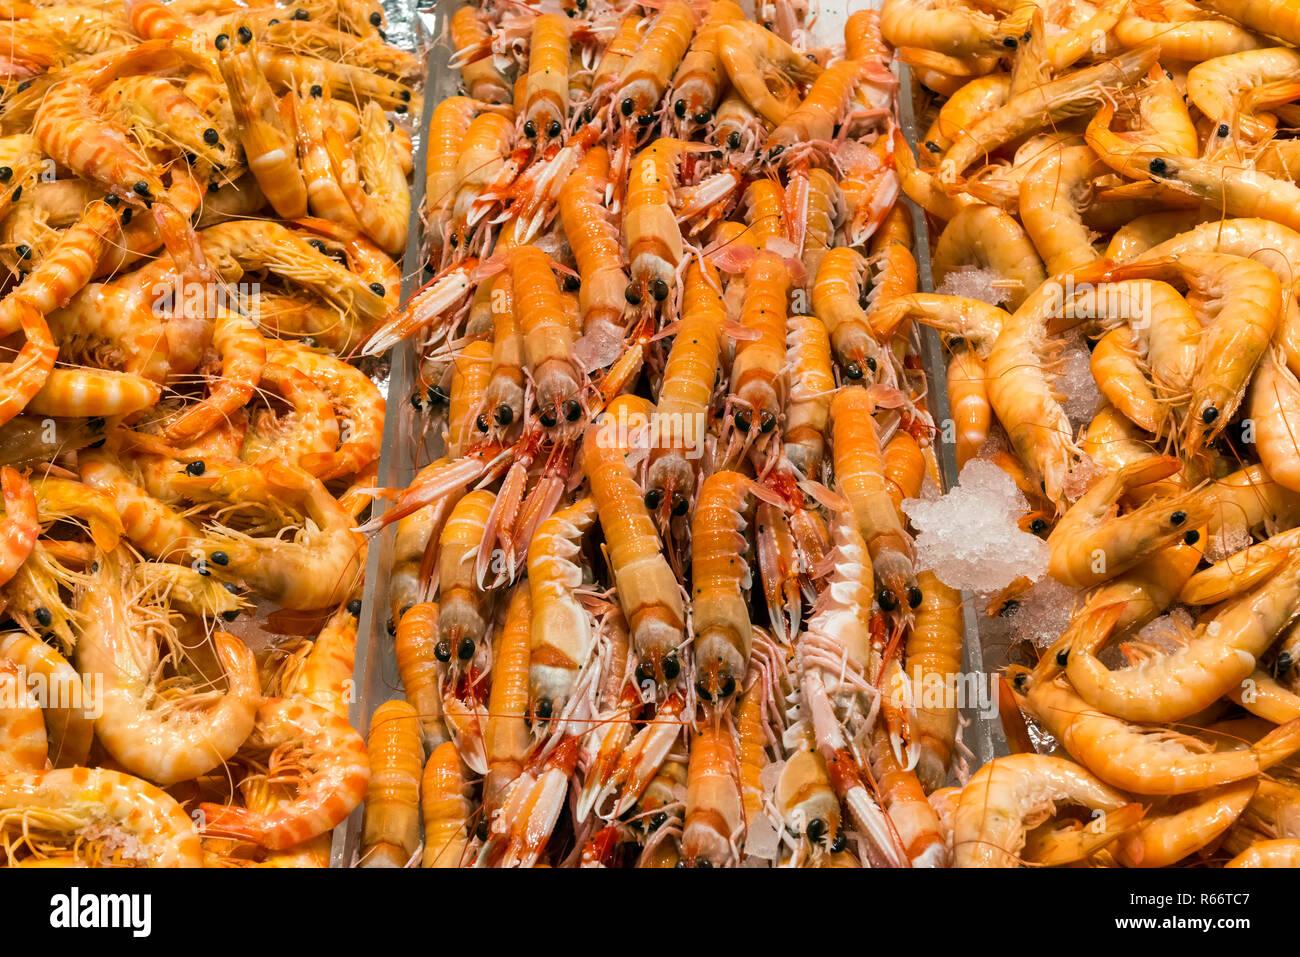 Frische Garnelen zum Verkauf auf einem Markt in Madrid, Spanien Stock Photo